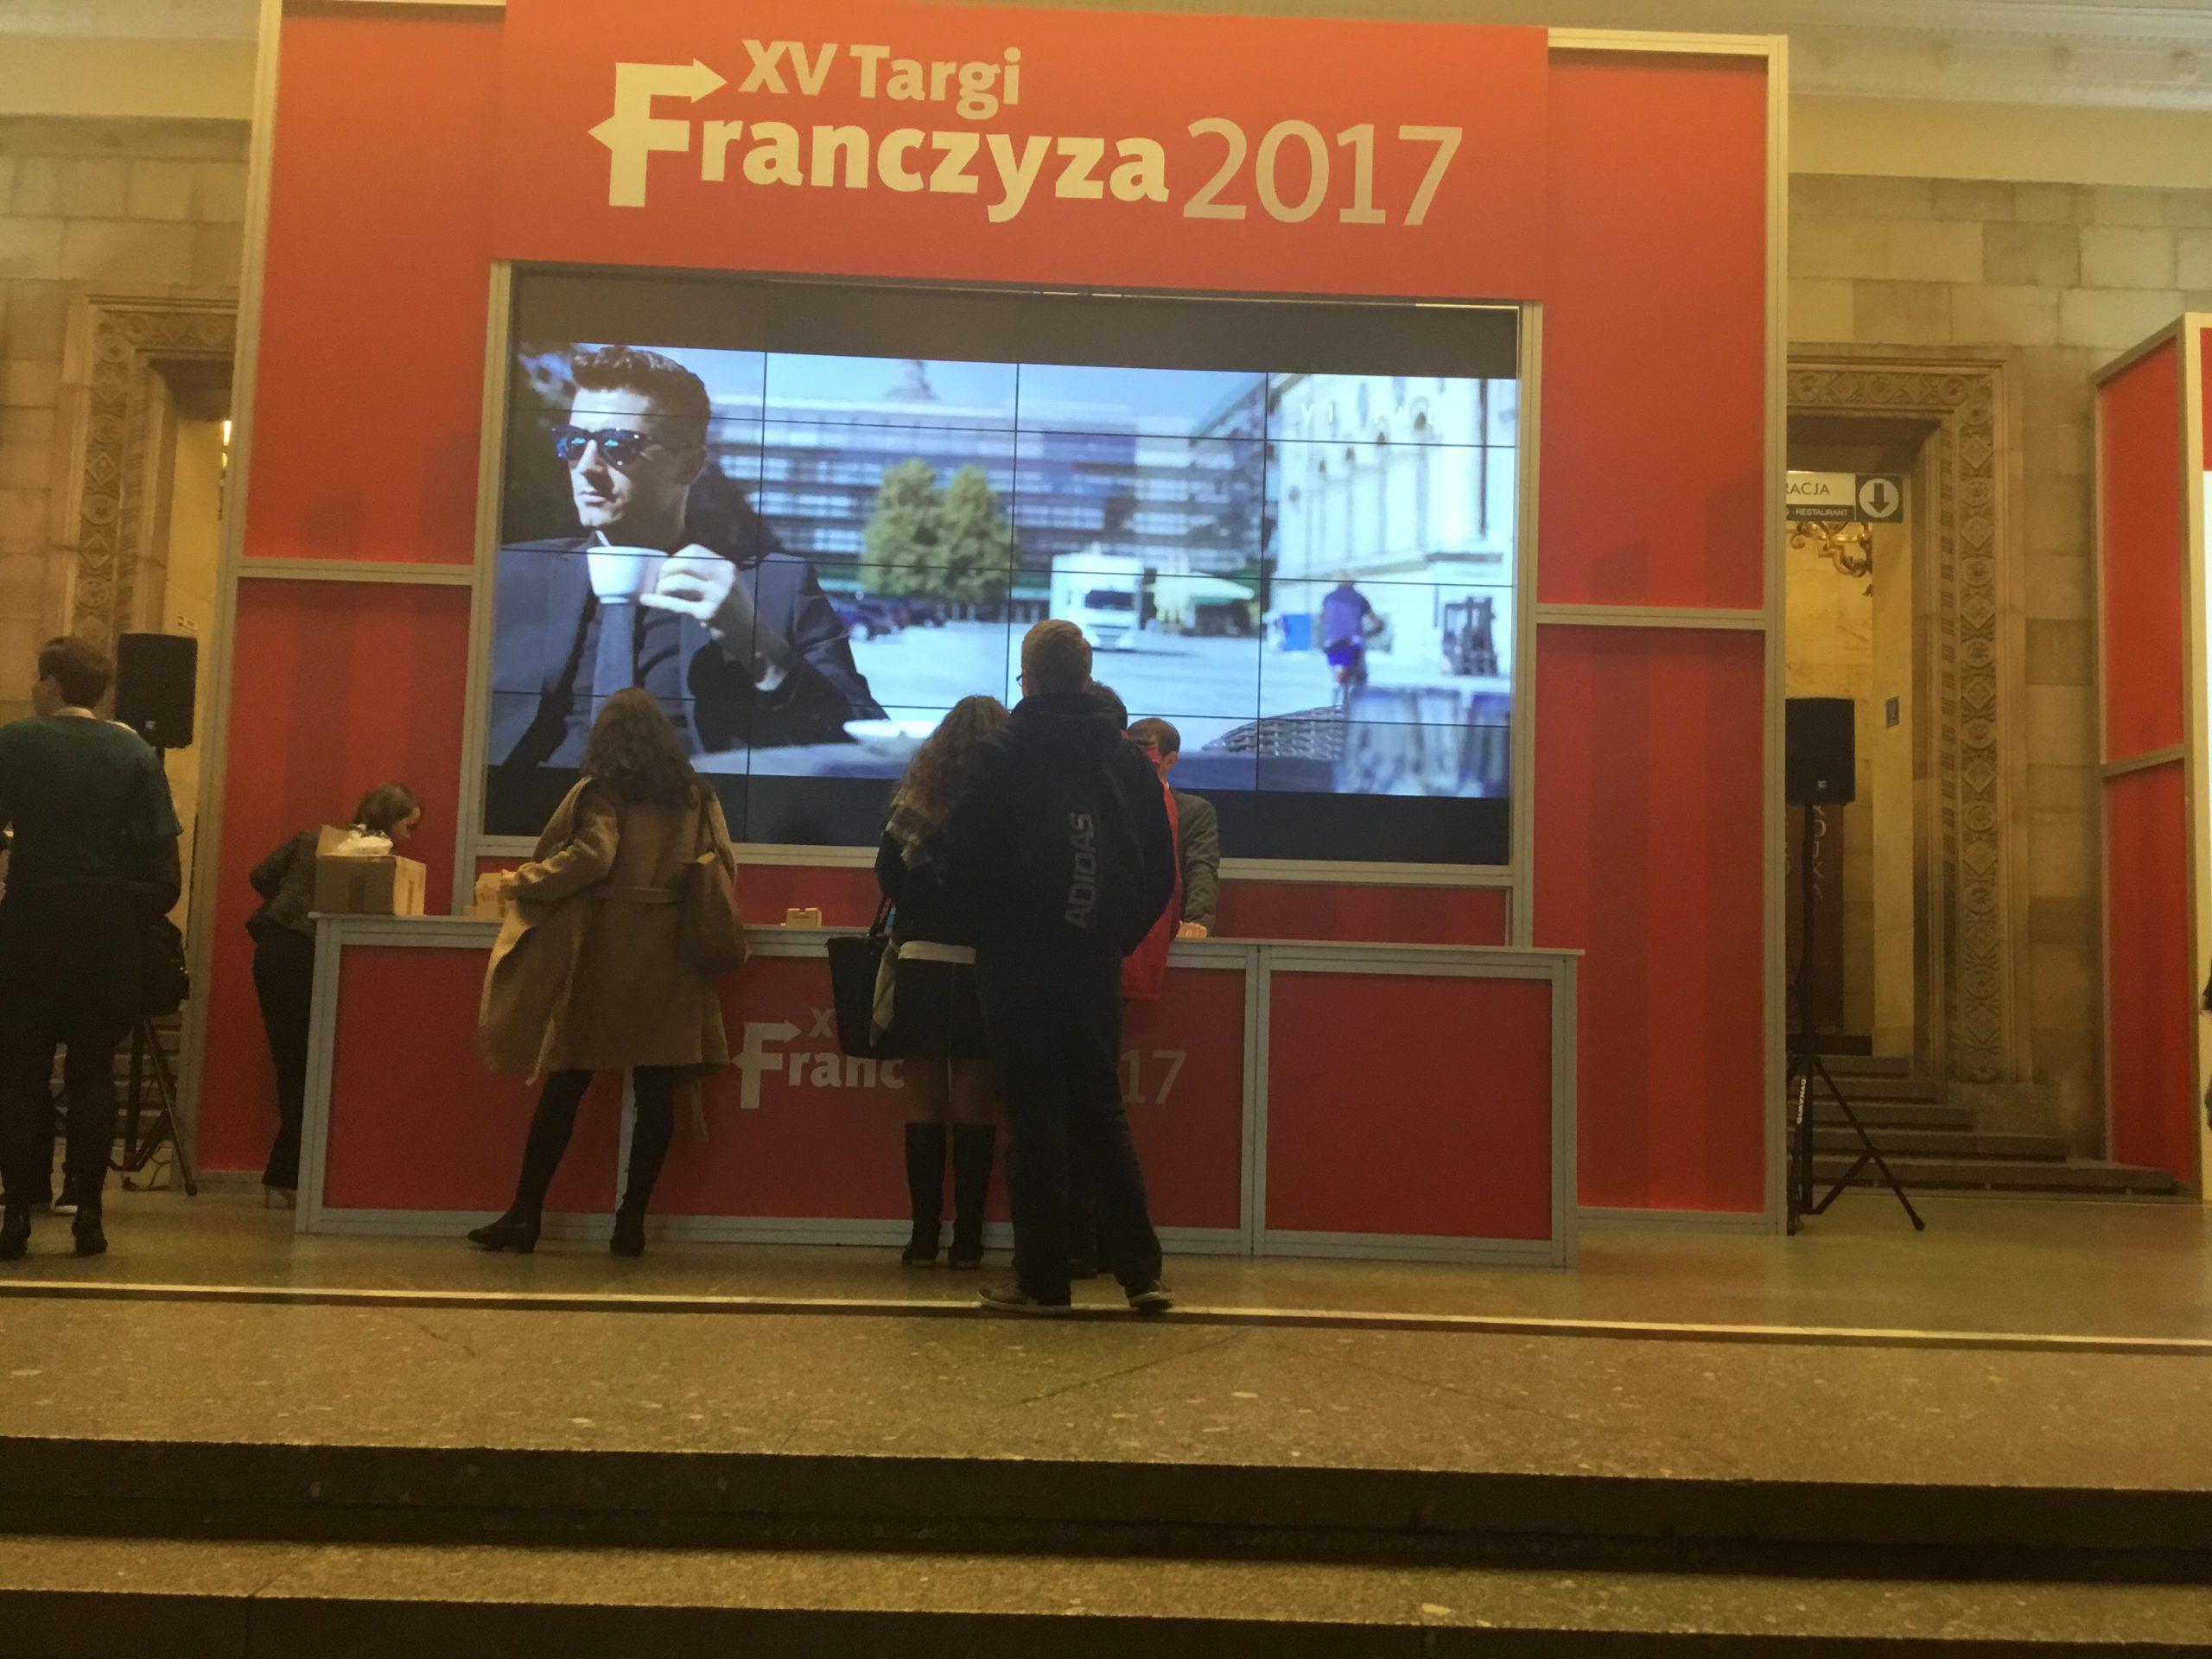 XV Targi Franczyza 2017